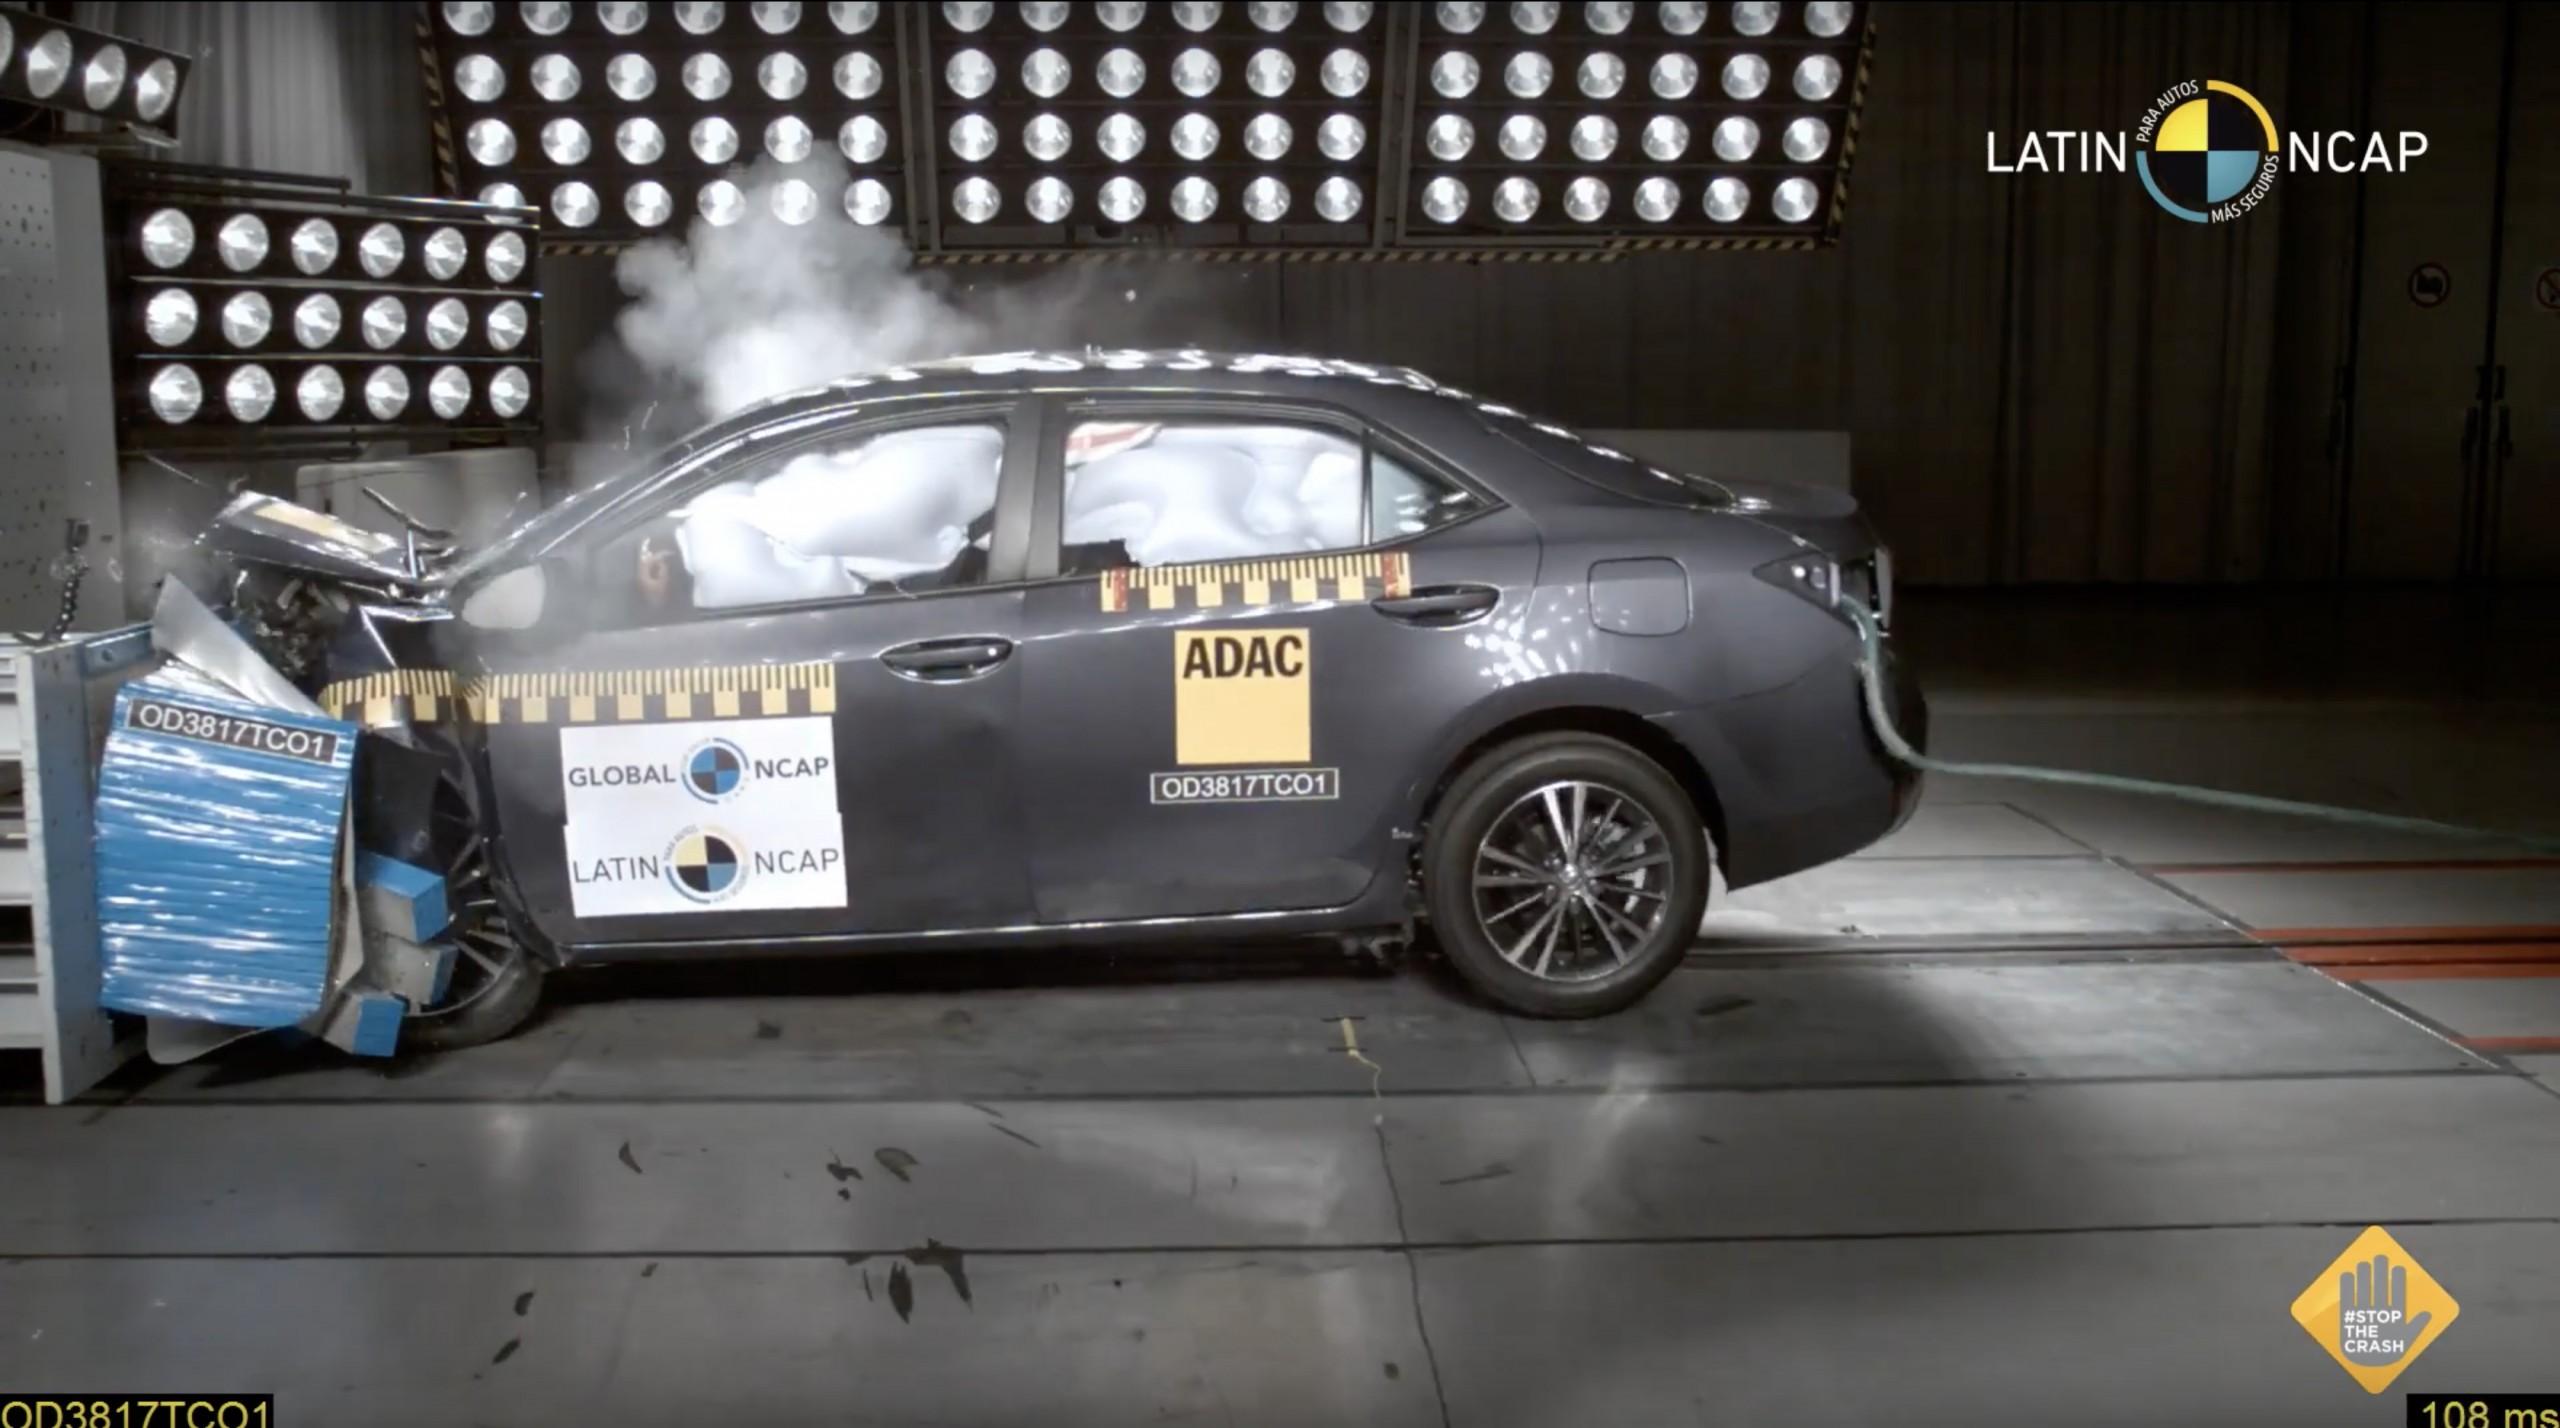 Latin NCAP crash test teste impacto Toyota Corolla 26 set 2018